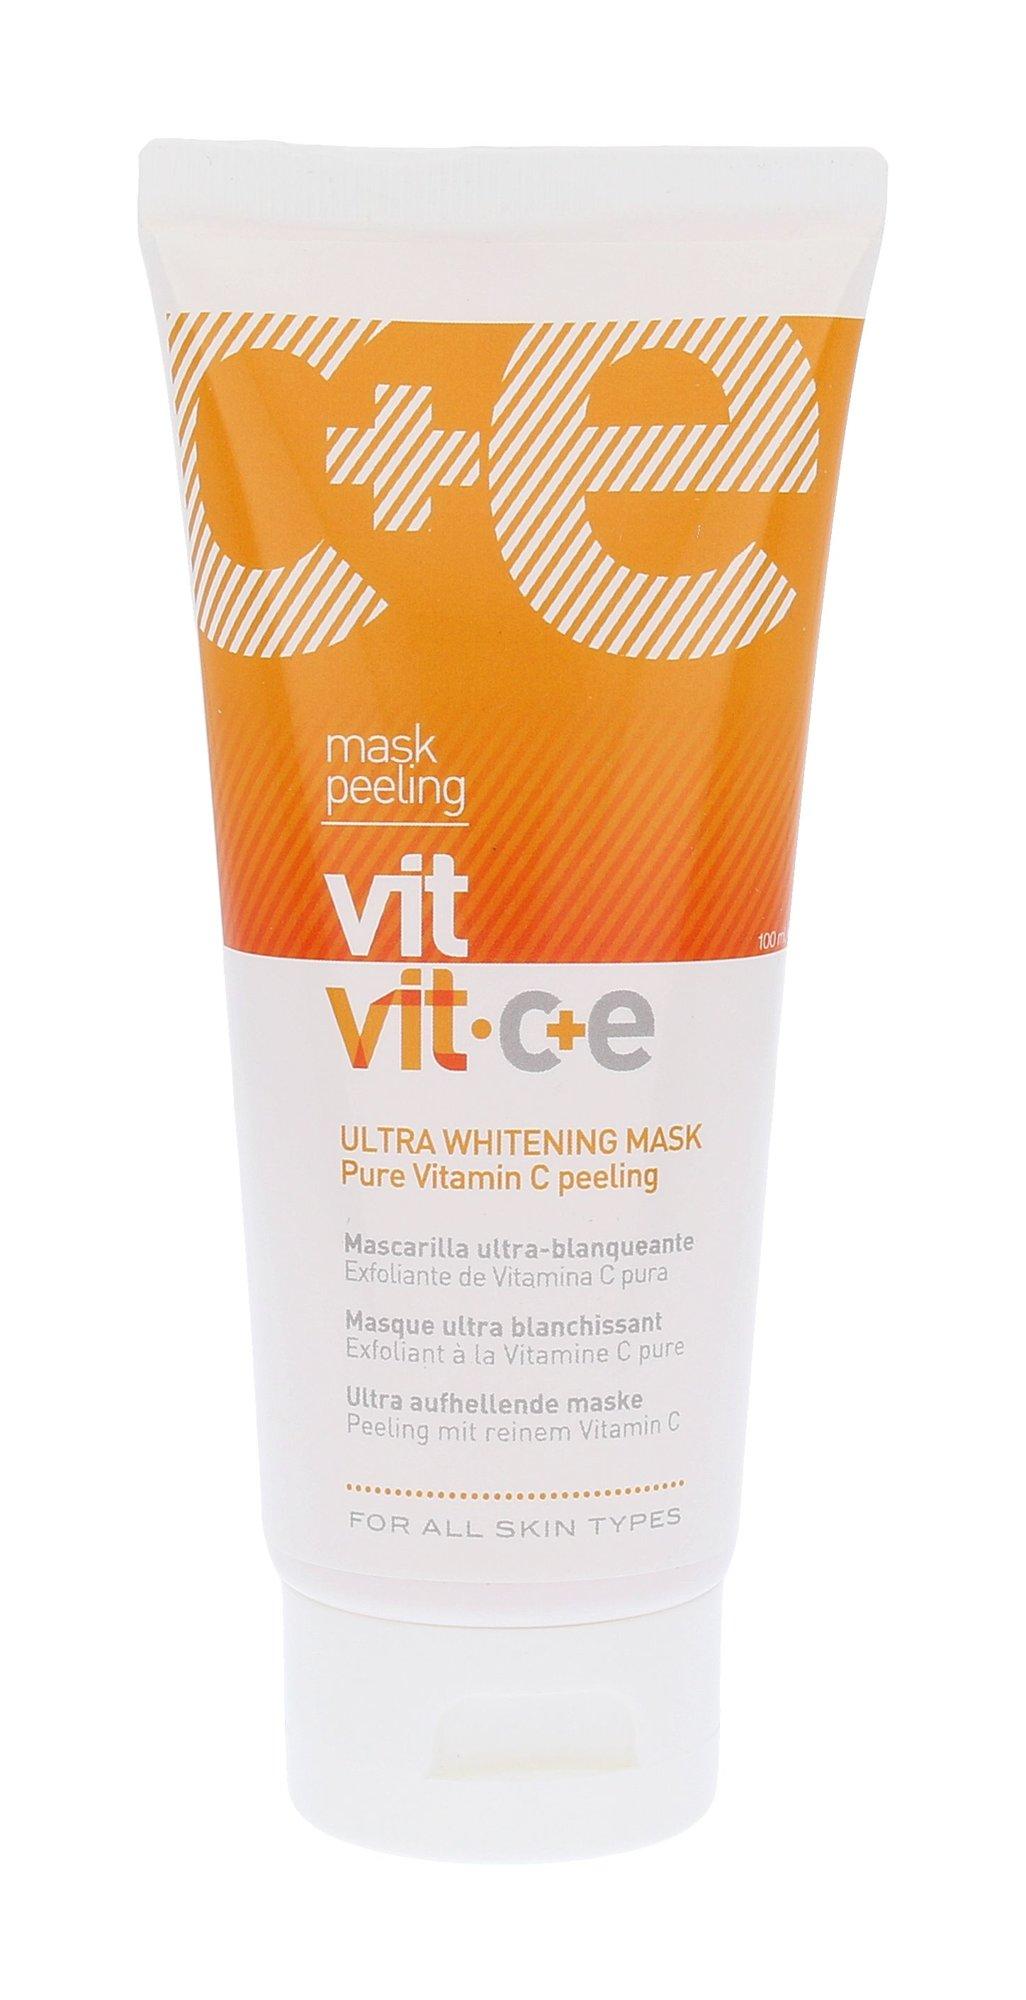 Diet Esthetic Vit Vit C+ E Cosmetic 100ml